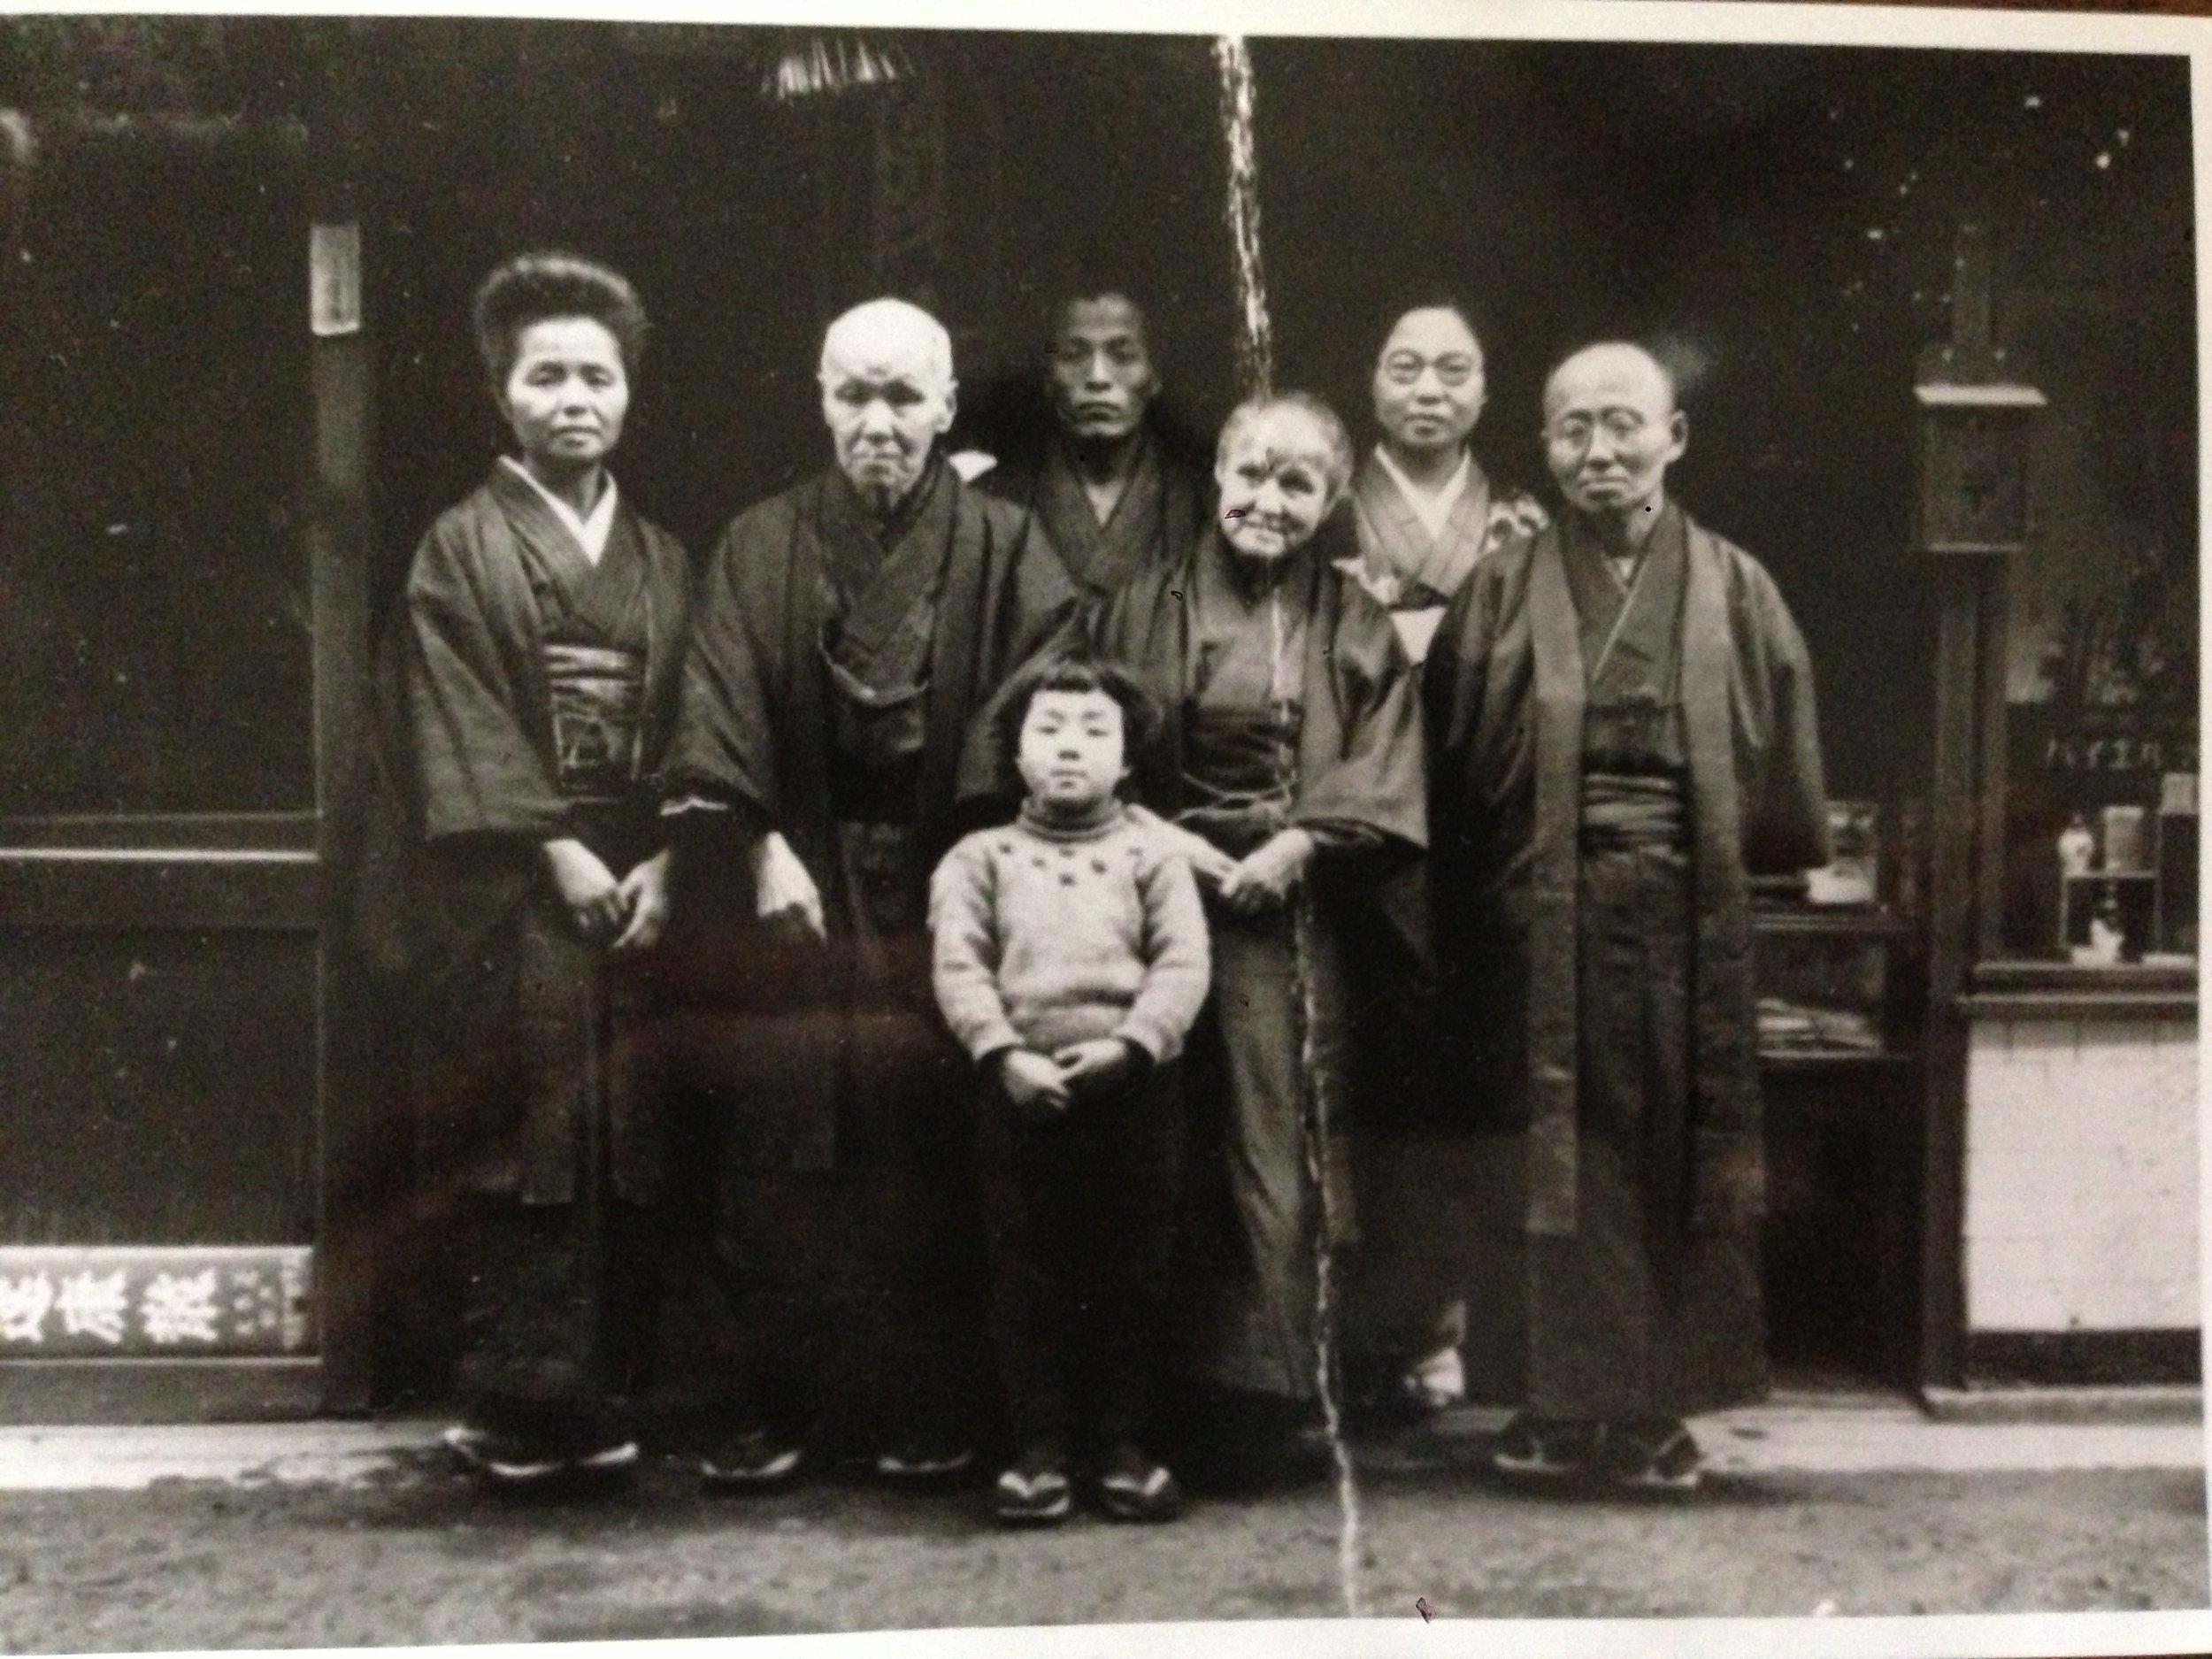 (C) Fumihito Katamura